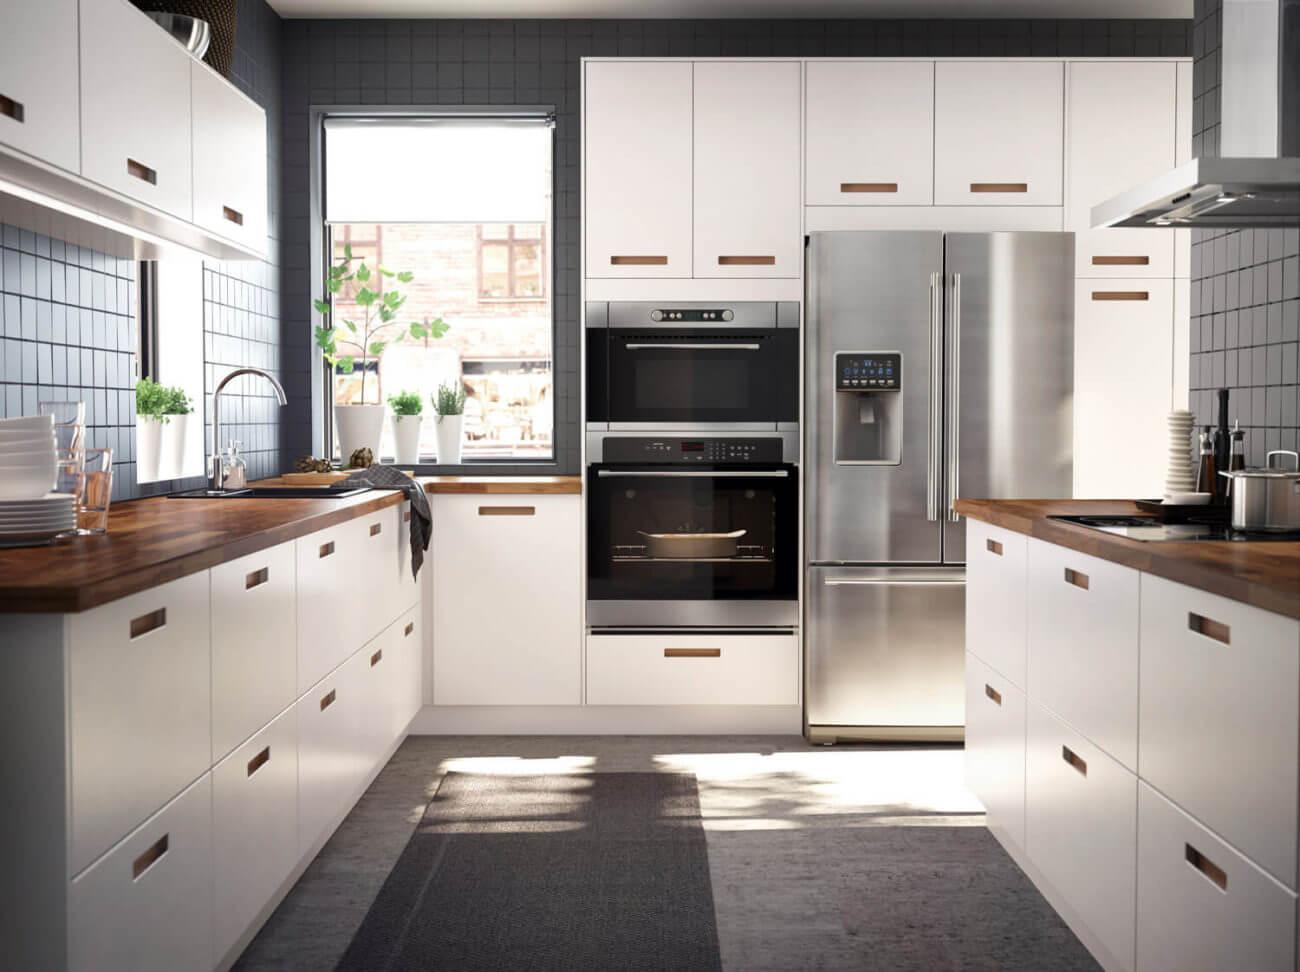 Full Size of Preis Einer Einbaukche Wie Viel Kostet Eine Neue Kche Im Küchen Regal Wohnzimmer Küchen